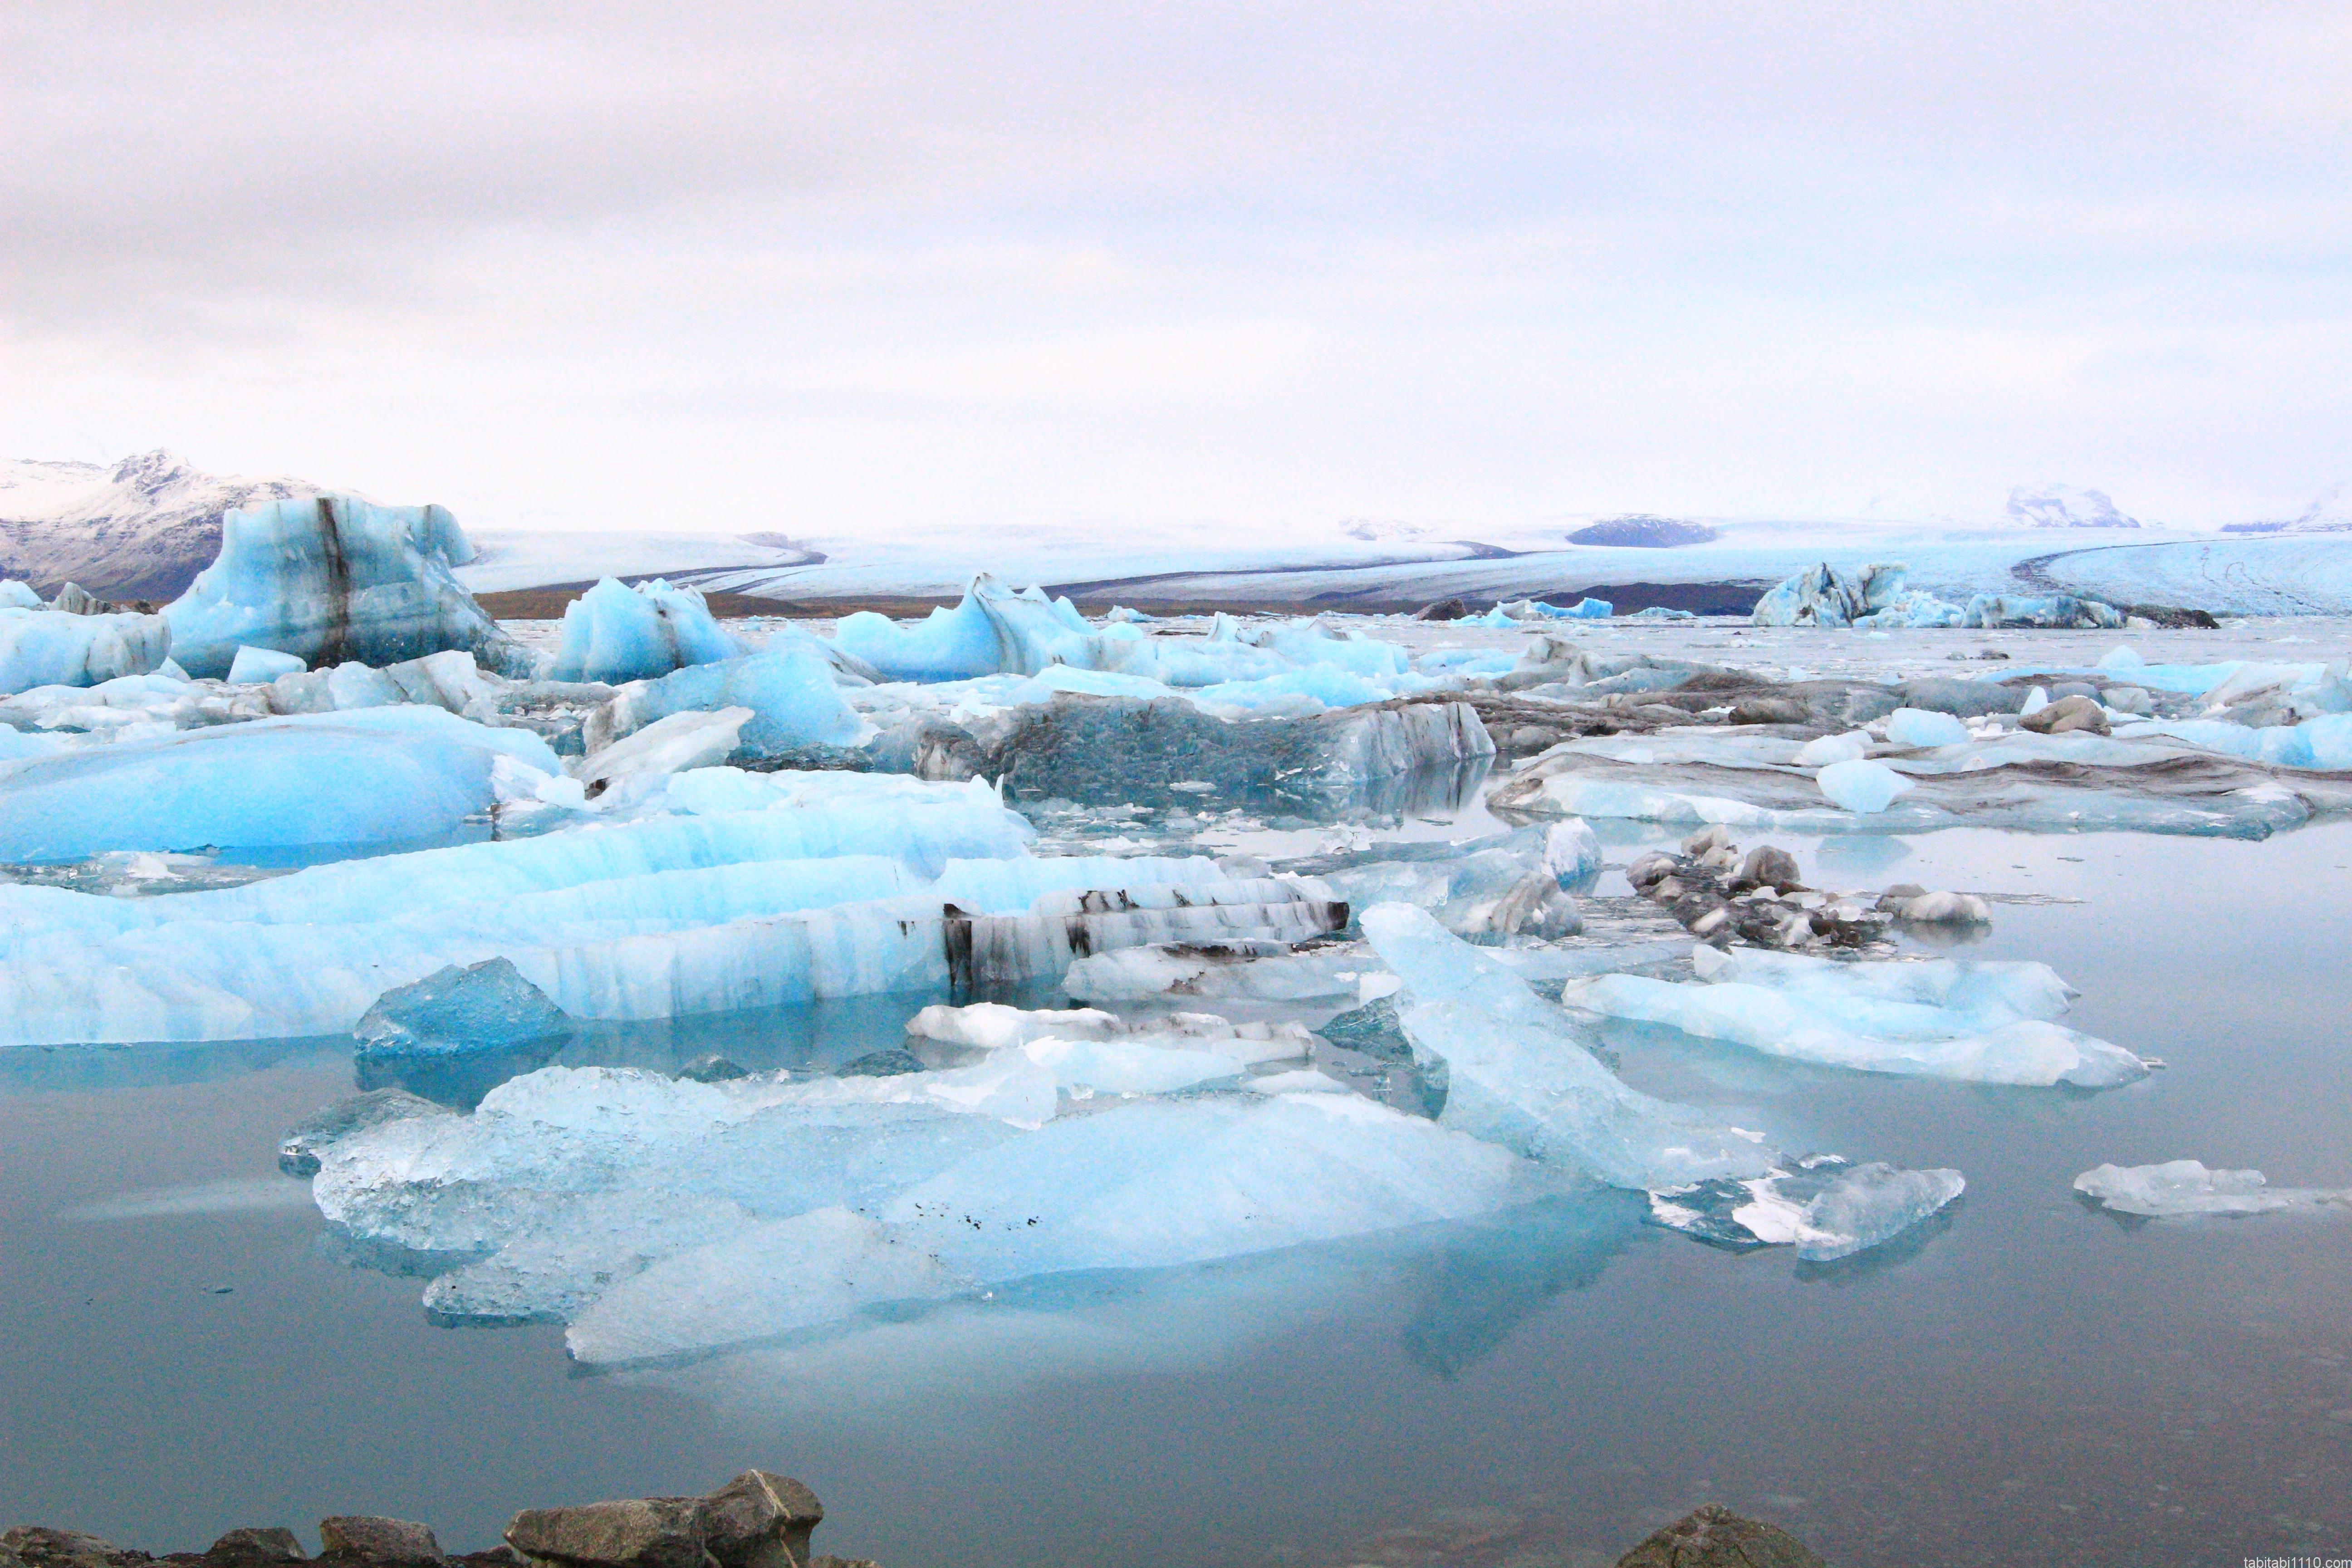 ヨークルスアゥルロゥン氷河湖(Jökulsárlón)